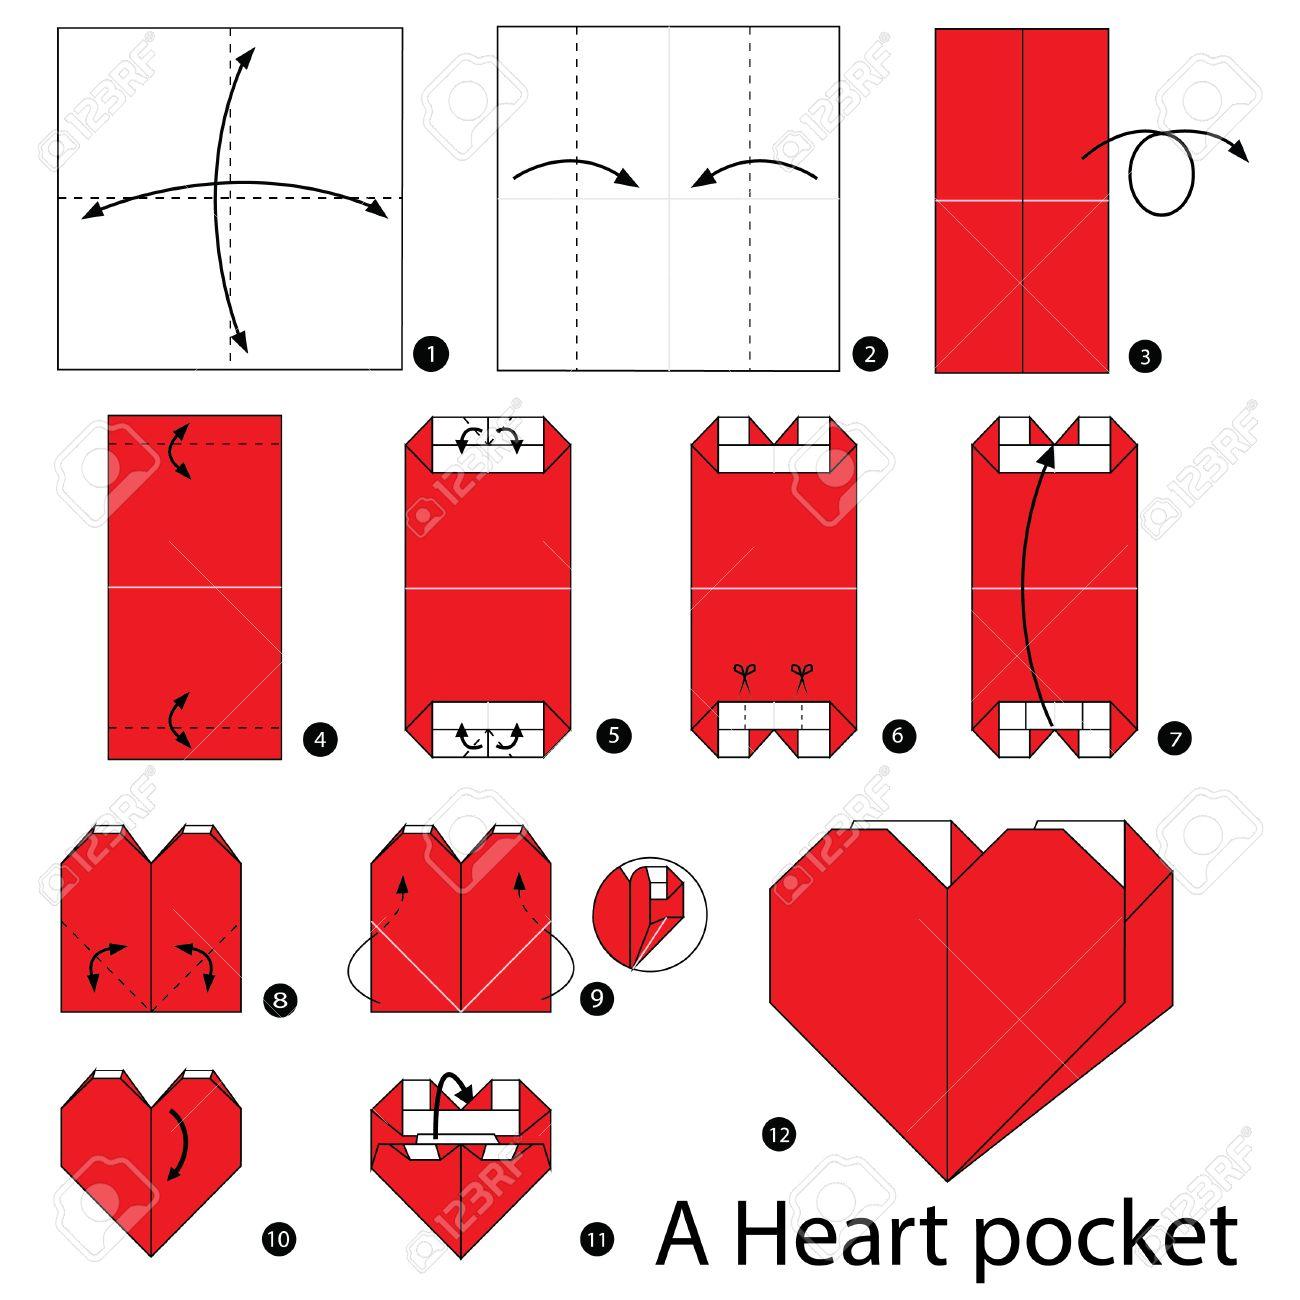 Gut bekannt Schritt Für Schritt Anleitung, Wie Man Origami-Herz Tasche Zu MT38